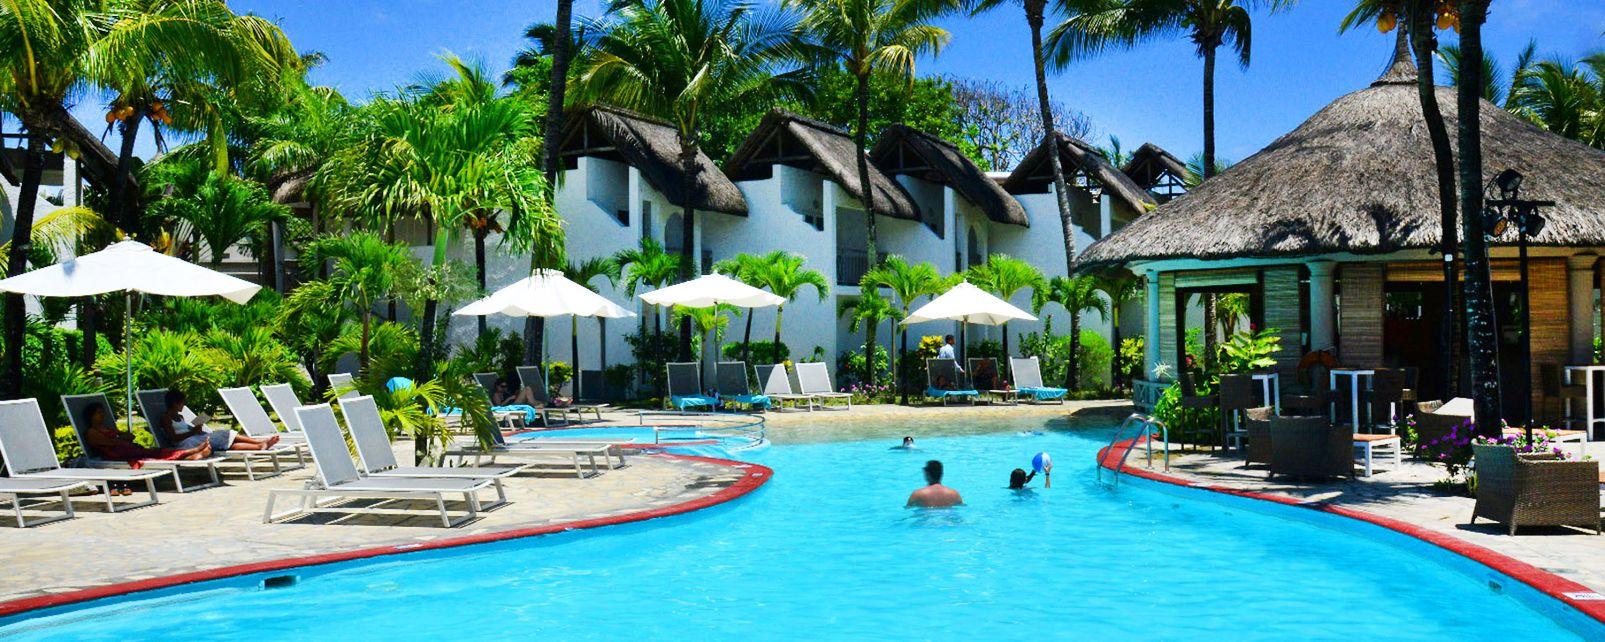 Hôtel Veranda Palmar Beach